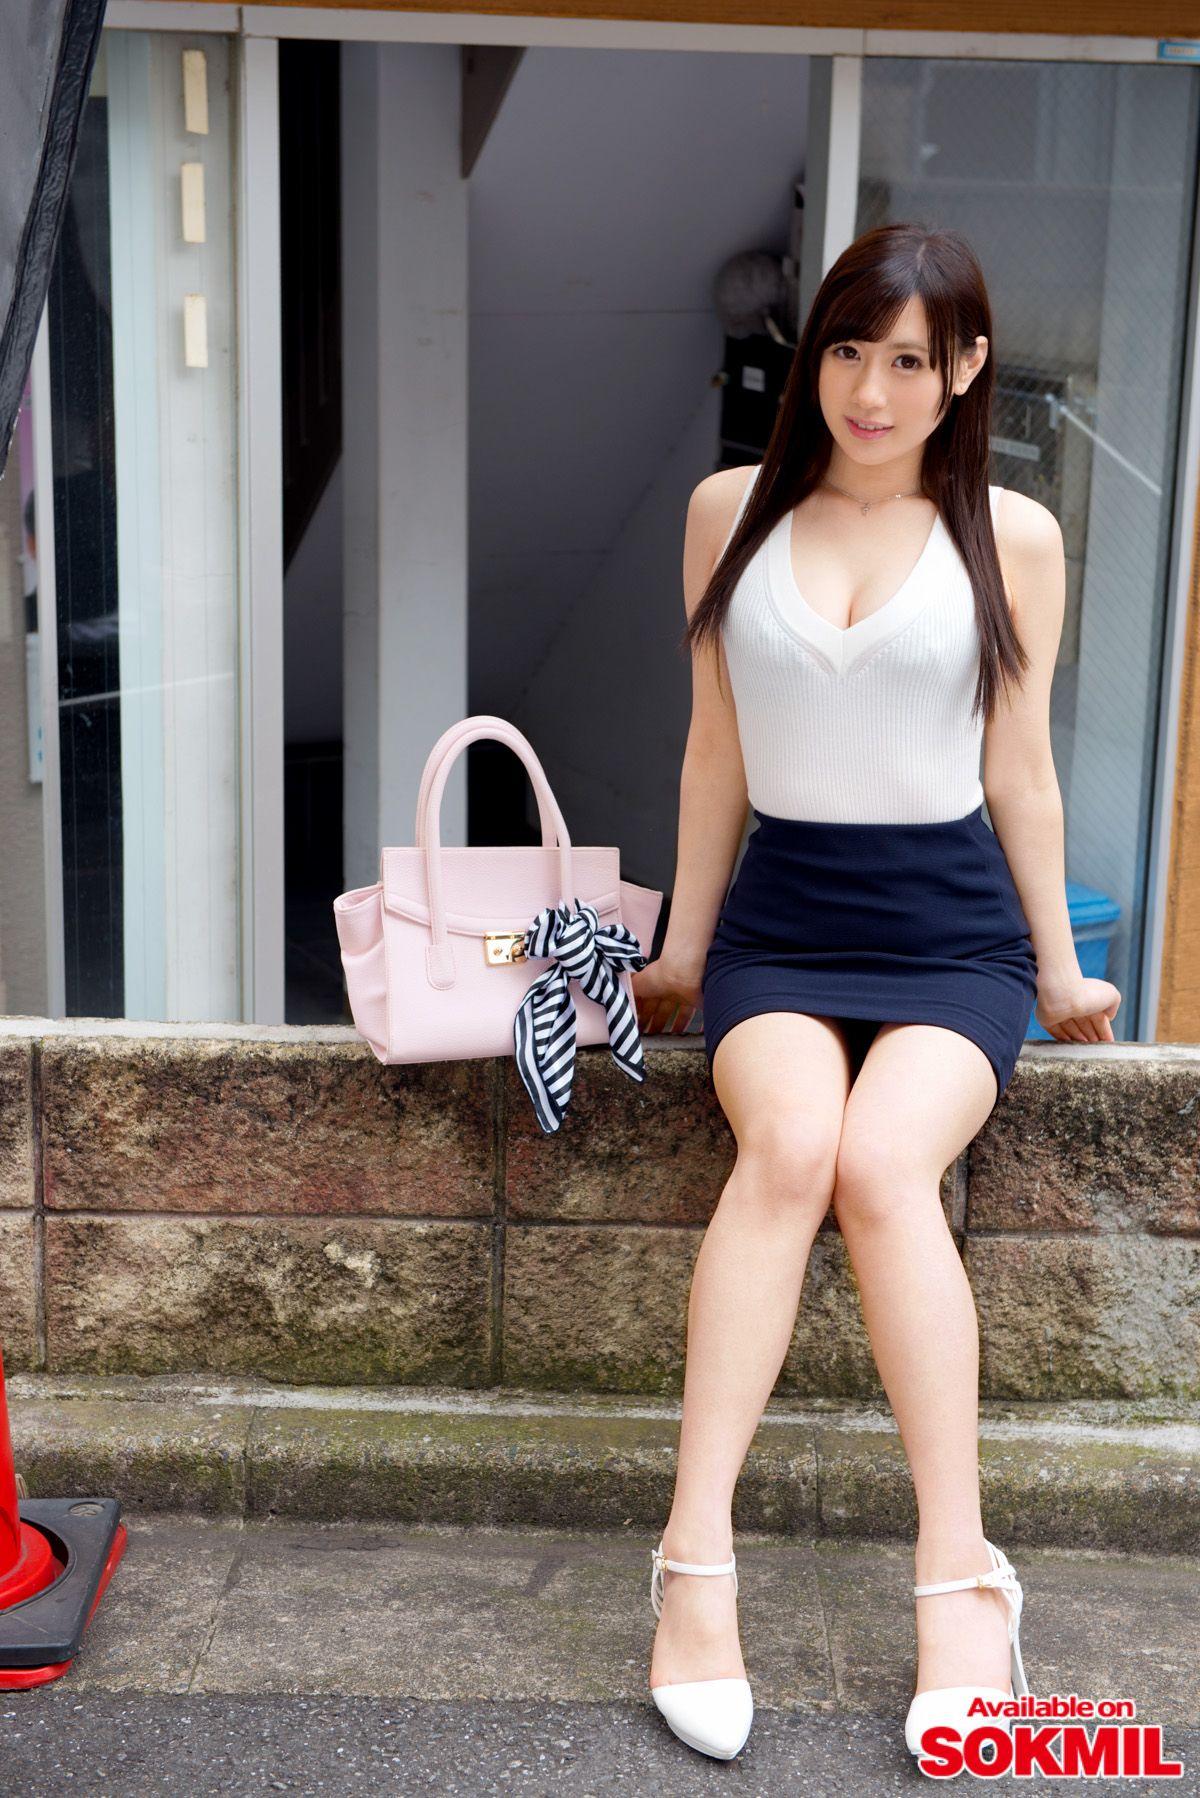 プレステージ かわいい美少女 ACT.41 上野莉奈プレステージ専属女優『上野 莉奈』が、「新・絶対的美少女、お貸しします。」シリーズに登場。素人男性宅で笑顔を浮かべながら優しく接し、色白の美麗  ...